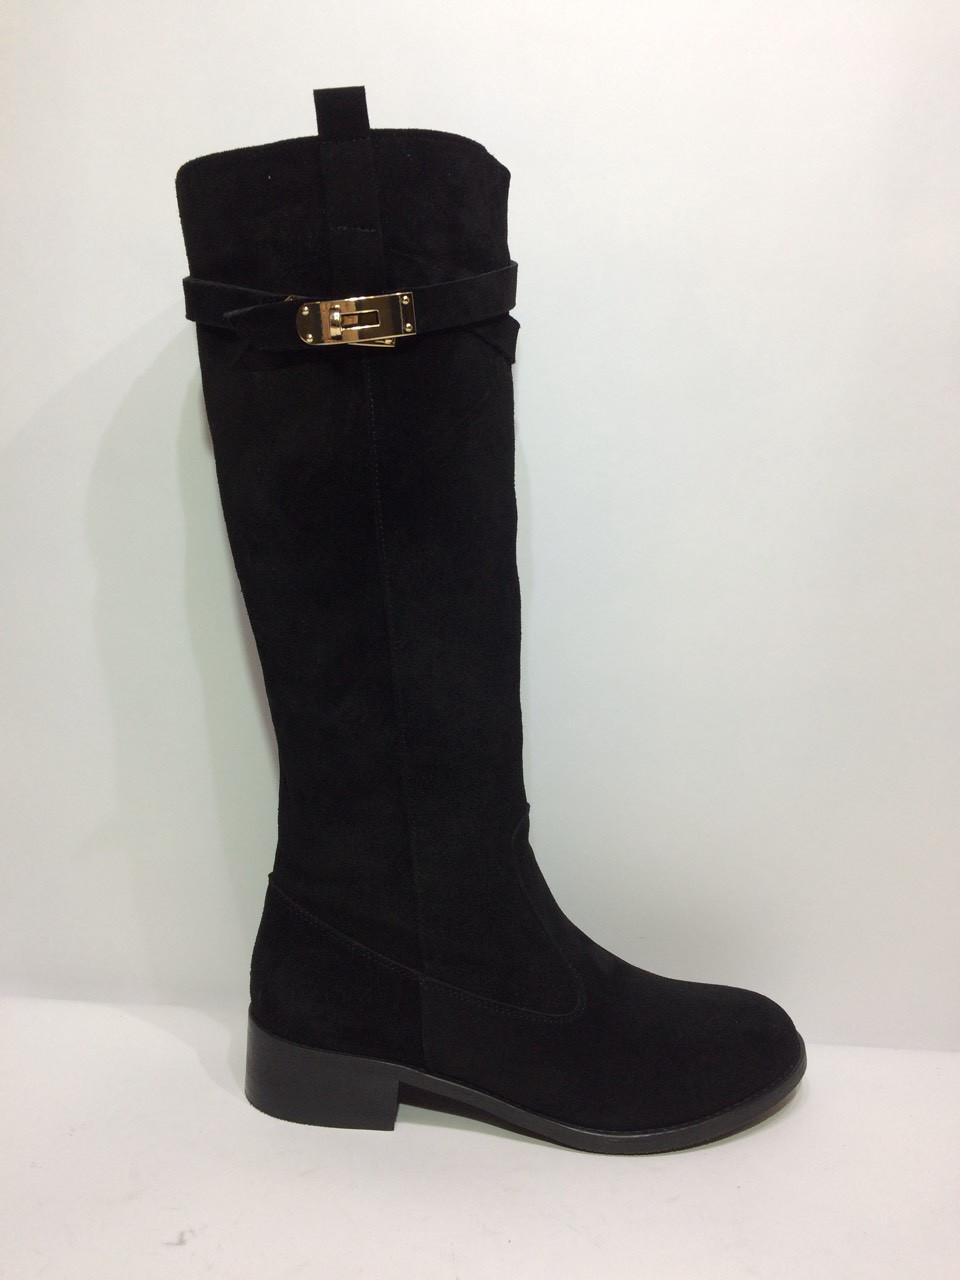 Модні жіночі чобітки - замок з натуральної замші чорного кольору.